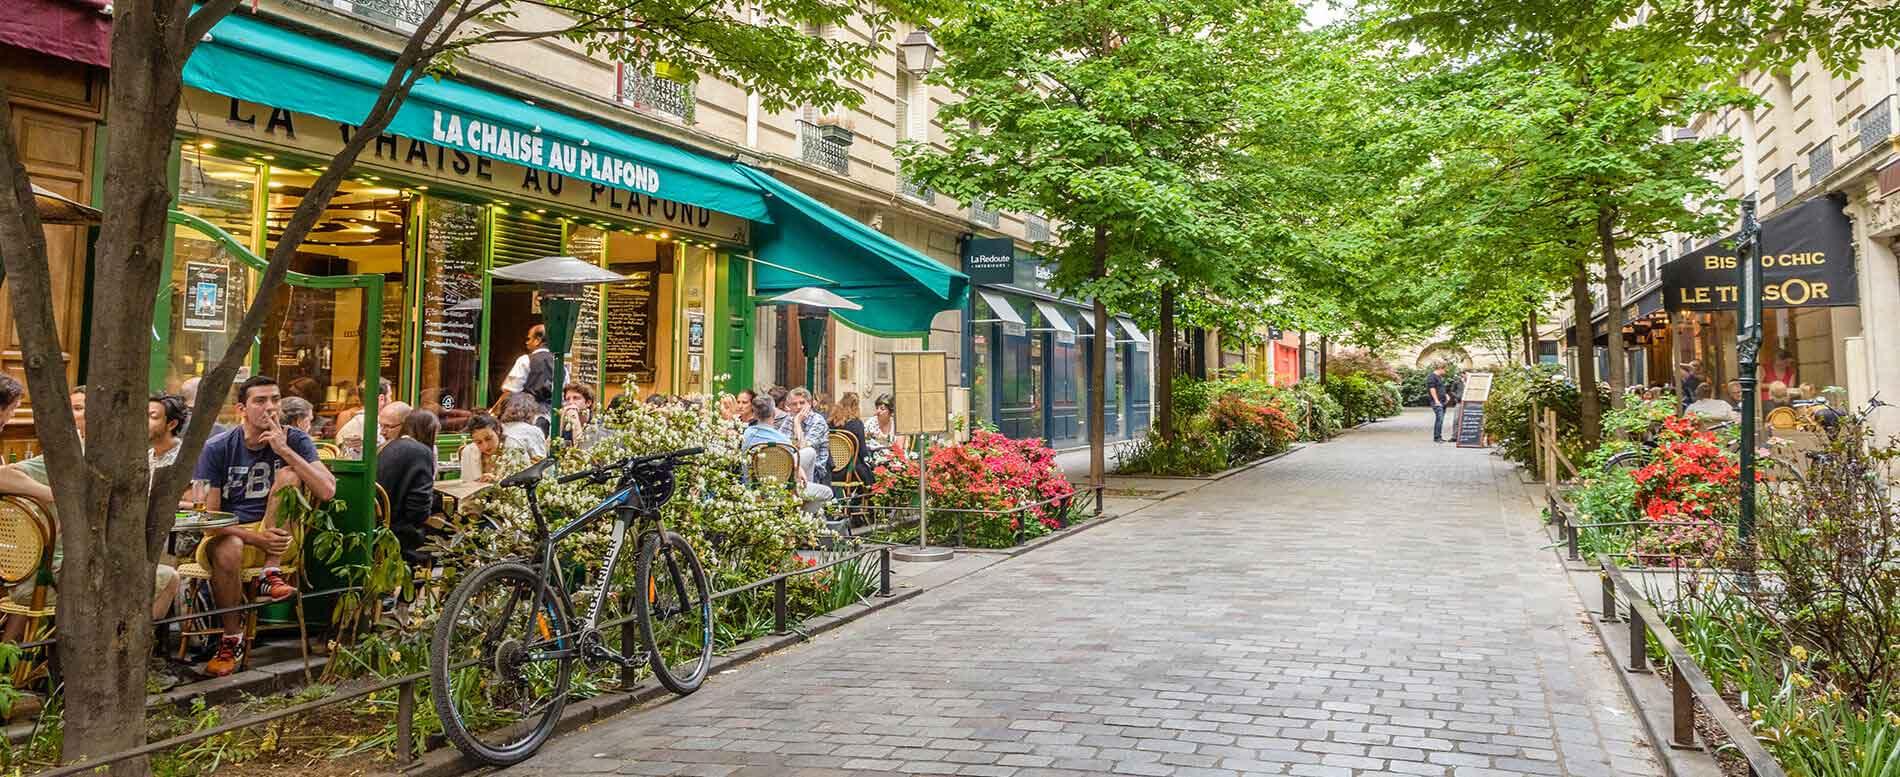 Le Marais Shopping Paris - All Luxury Apartments